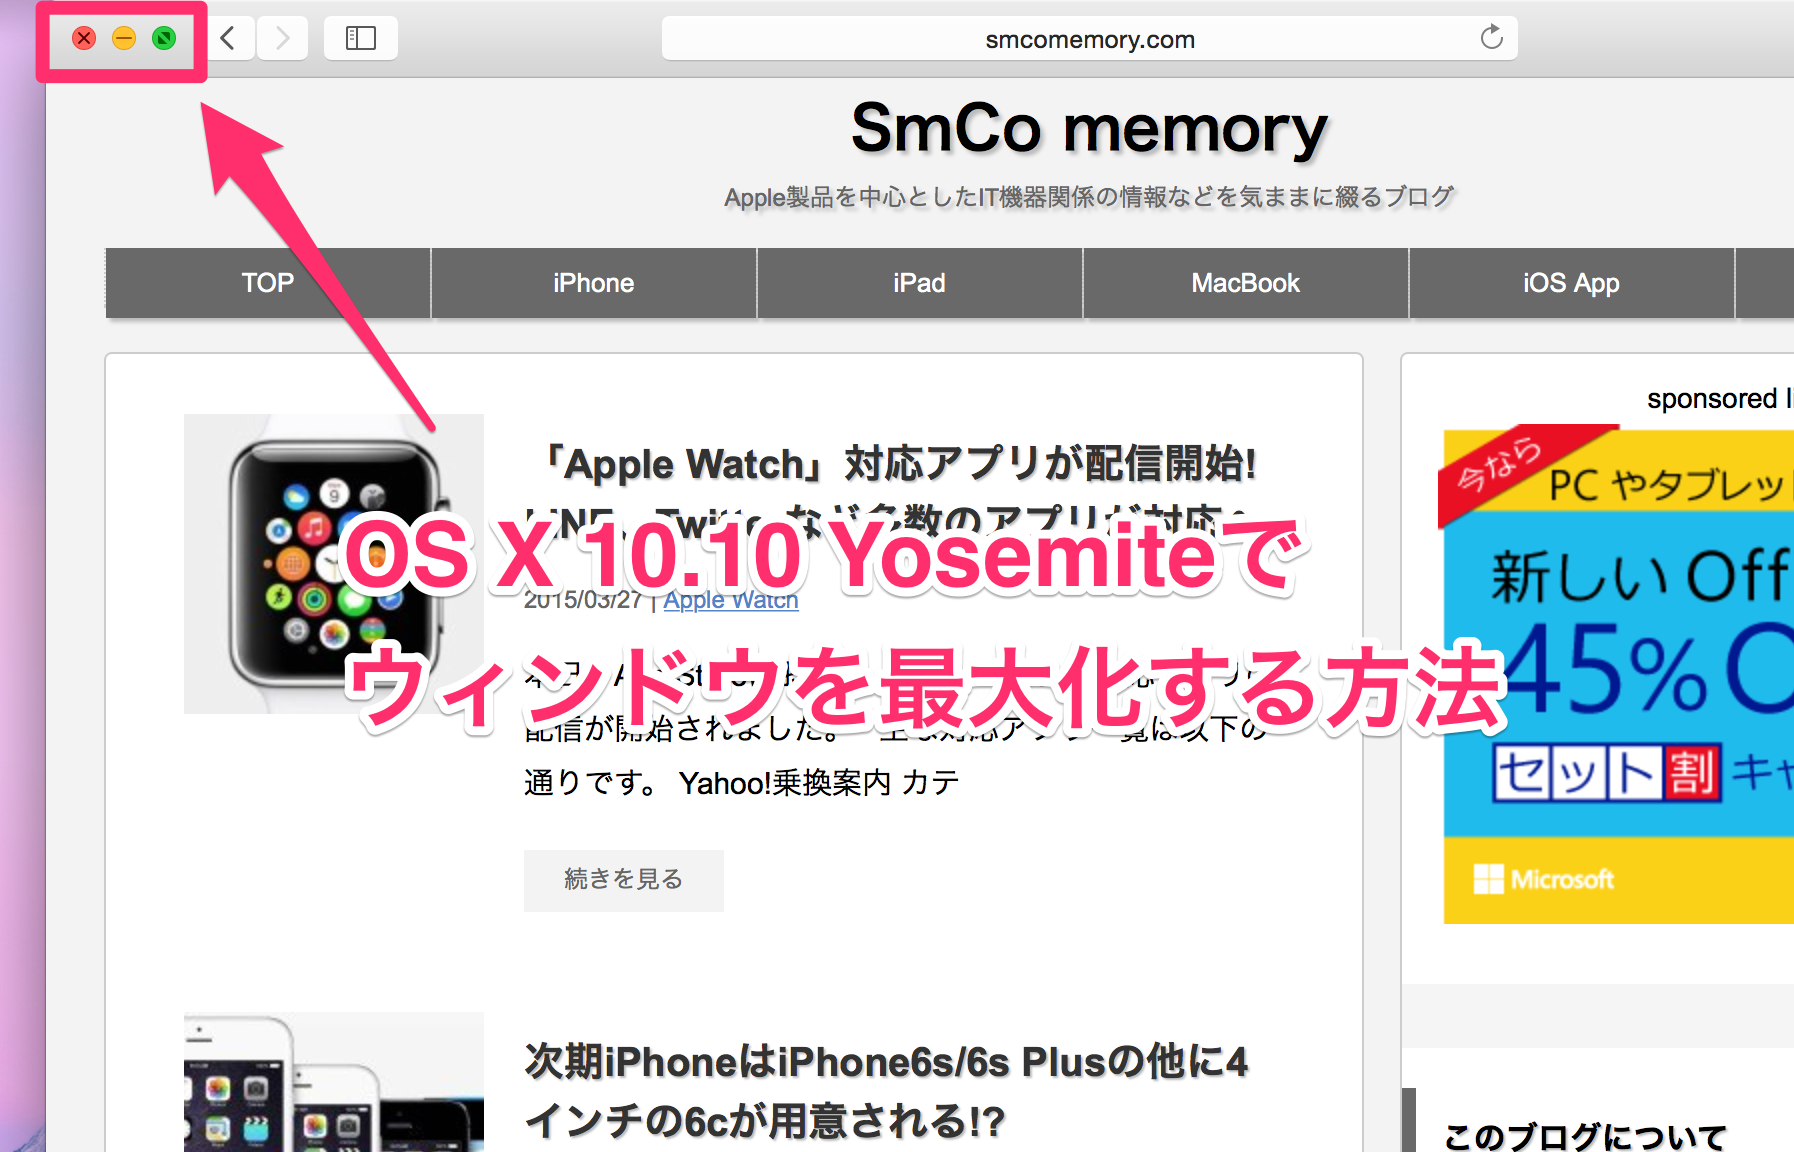 超簡単!OS X 10.10 Yosemiteでウィンドウを大きく(最大化)する方法